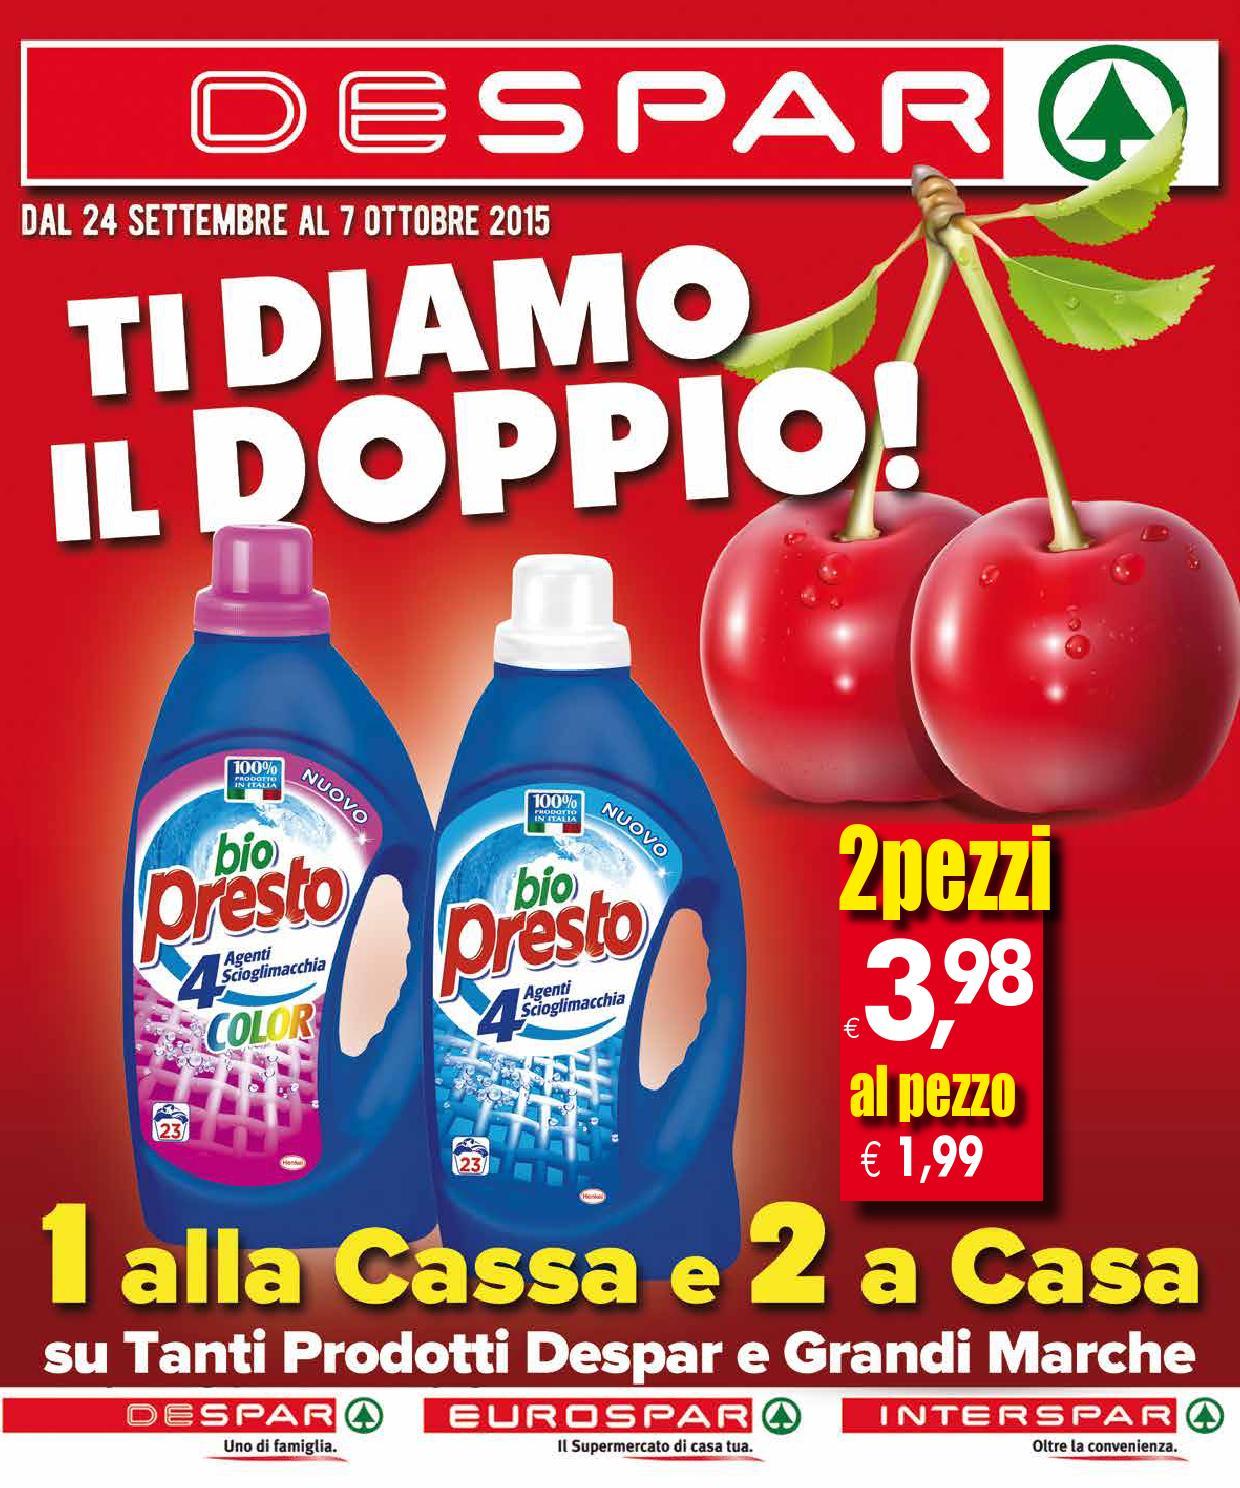 Volantino despar 24 settembre 7 ottobre 2015 by despar for Volantino despar messina e provincia